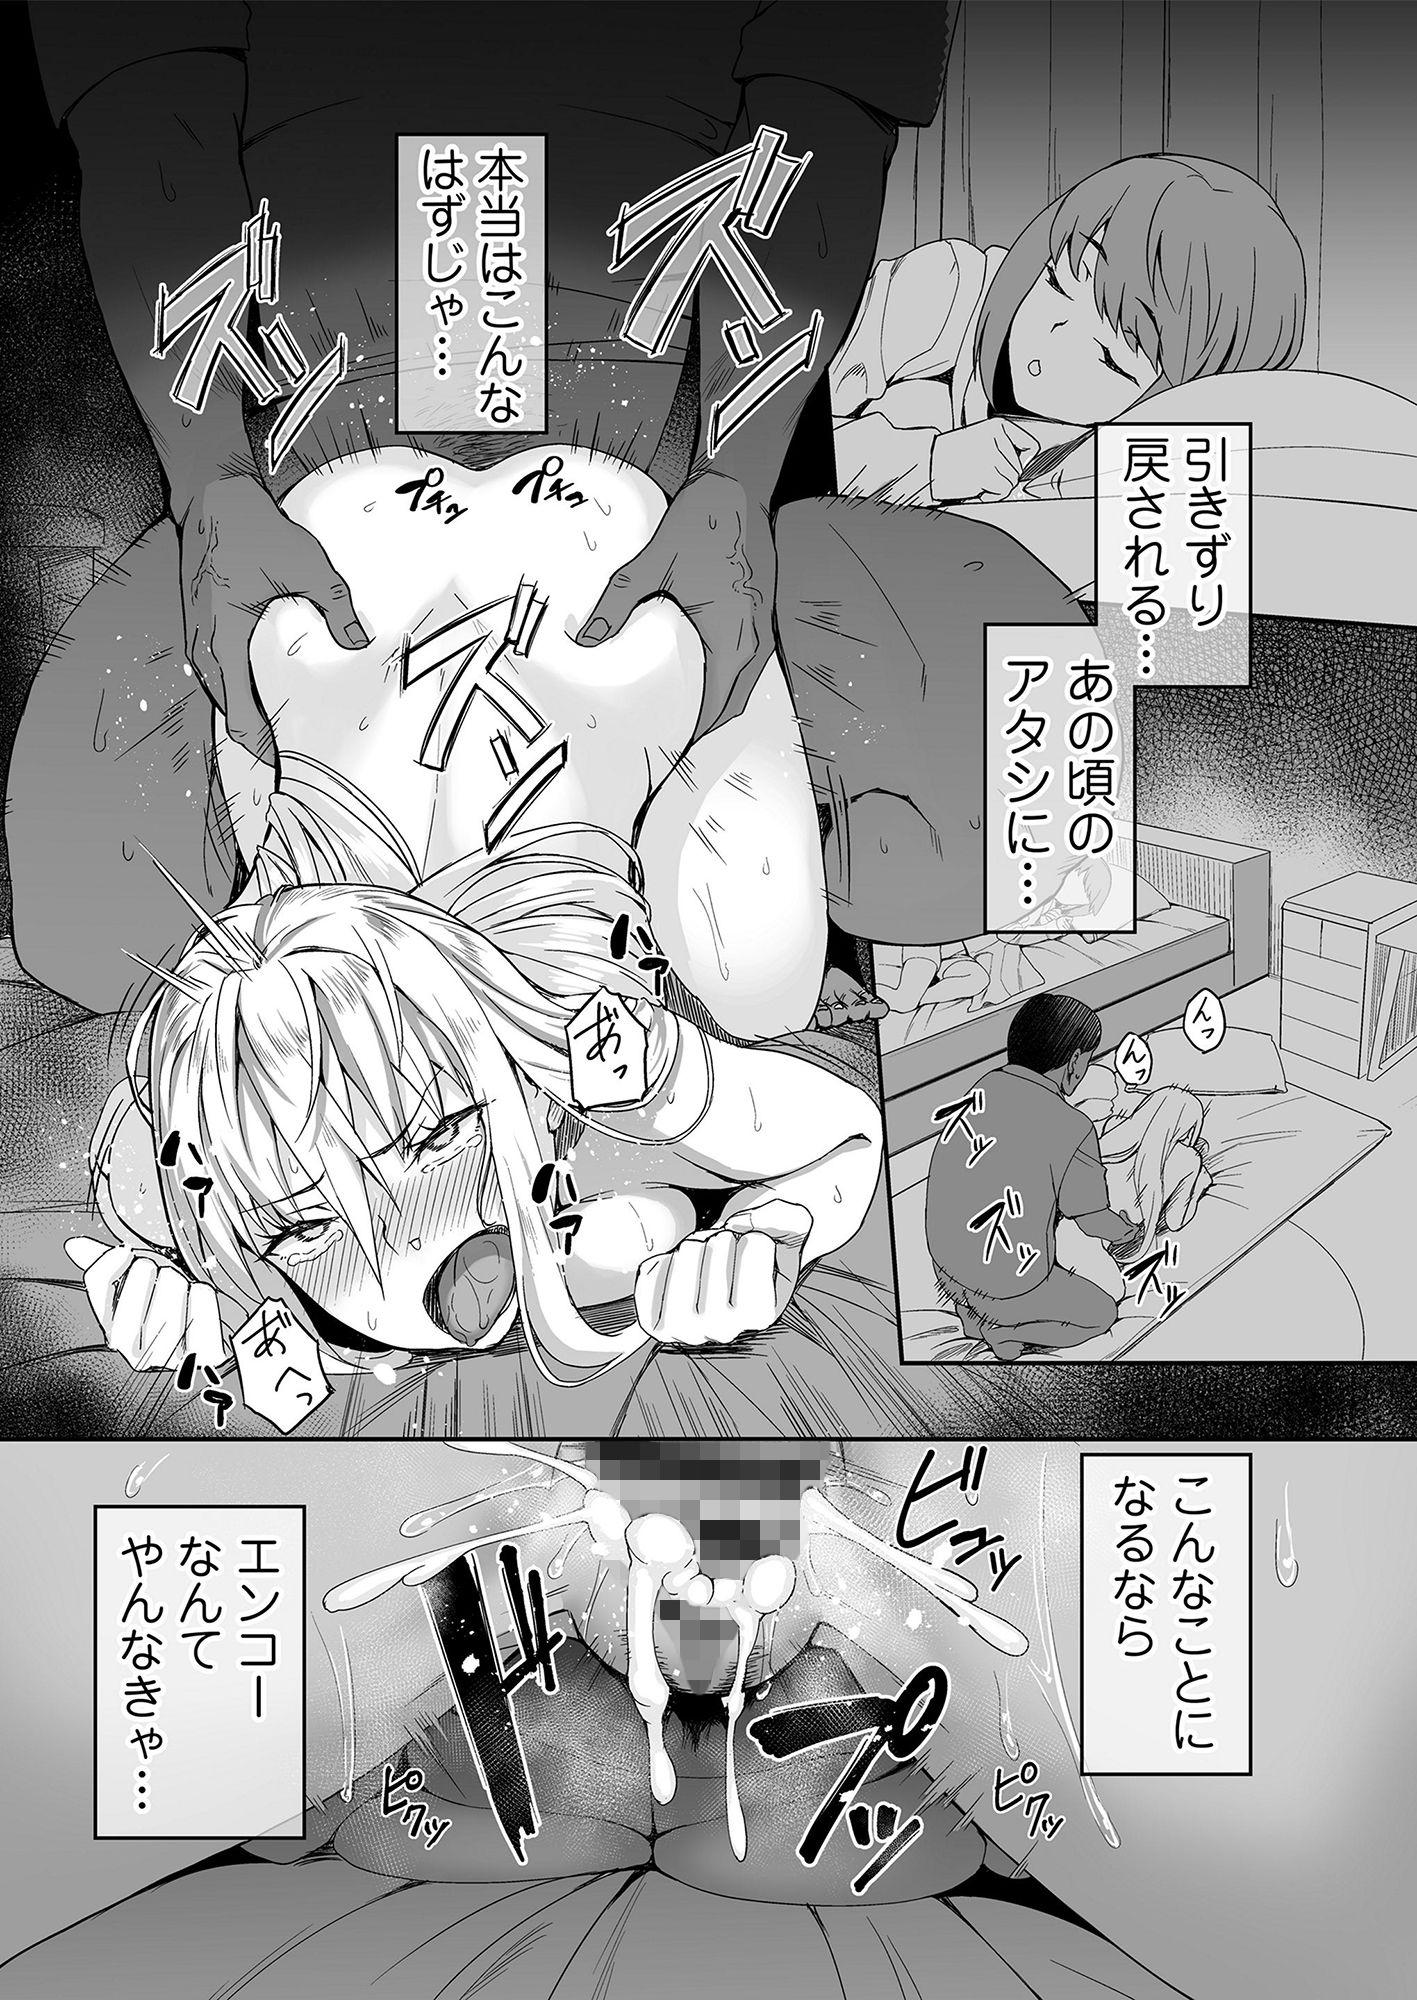 【エロ漫画無料大全集】【円交エロ漫画】援交から足をあらい日常生活に戻った元ヤンキーJKが...まさか大切な女友達の父親が…